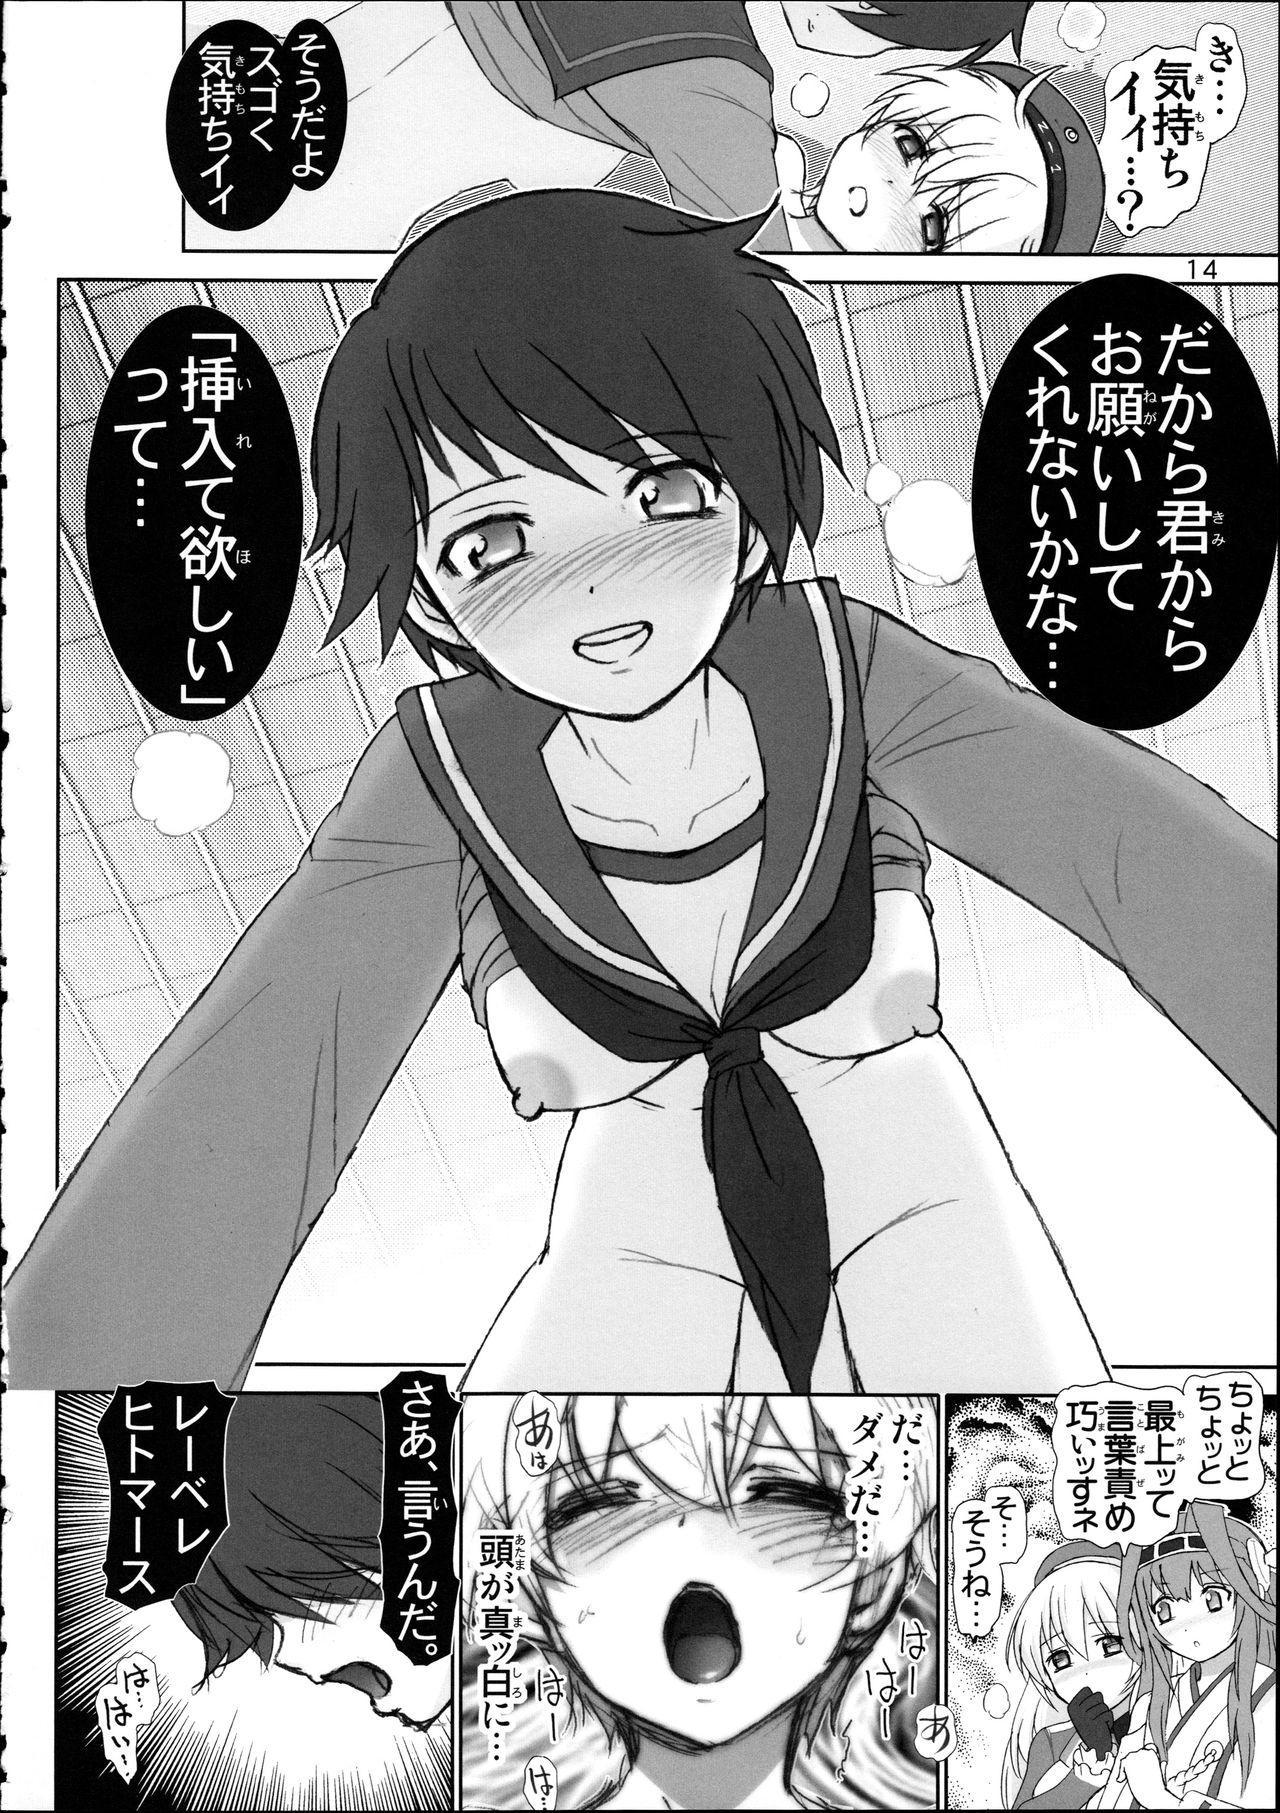 Lebe-kun no Yuuutsu 13